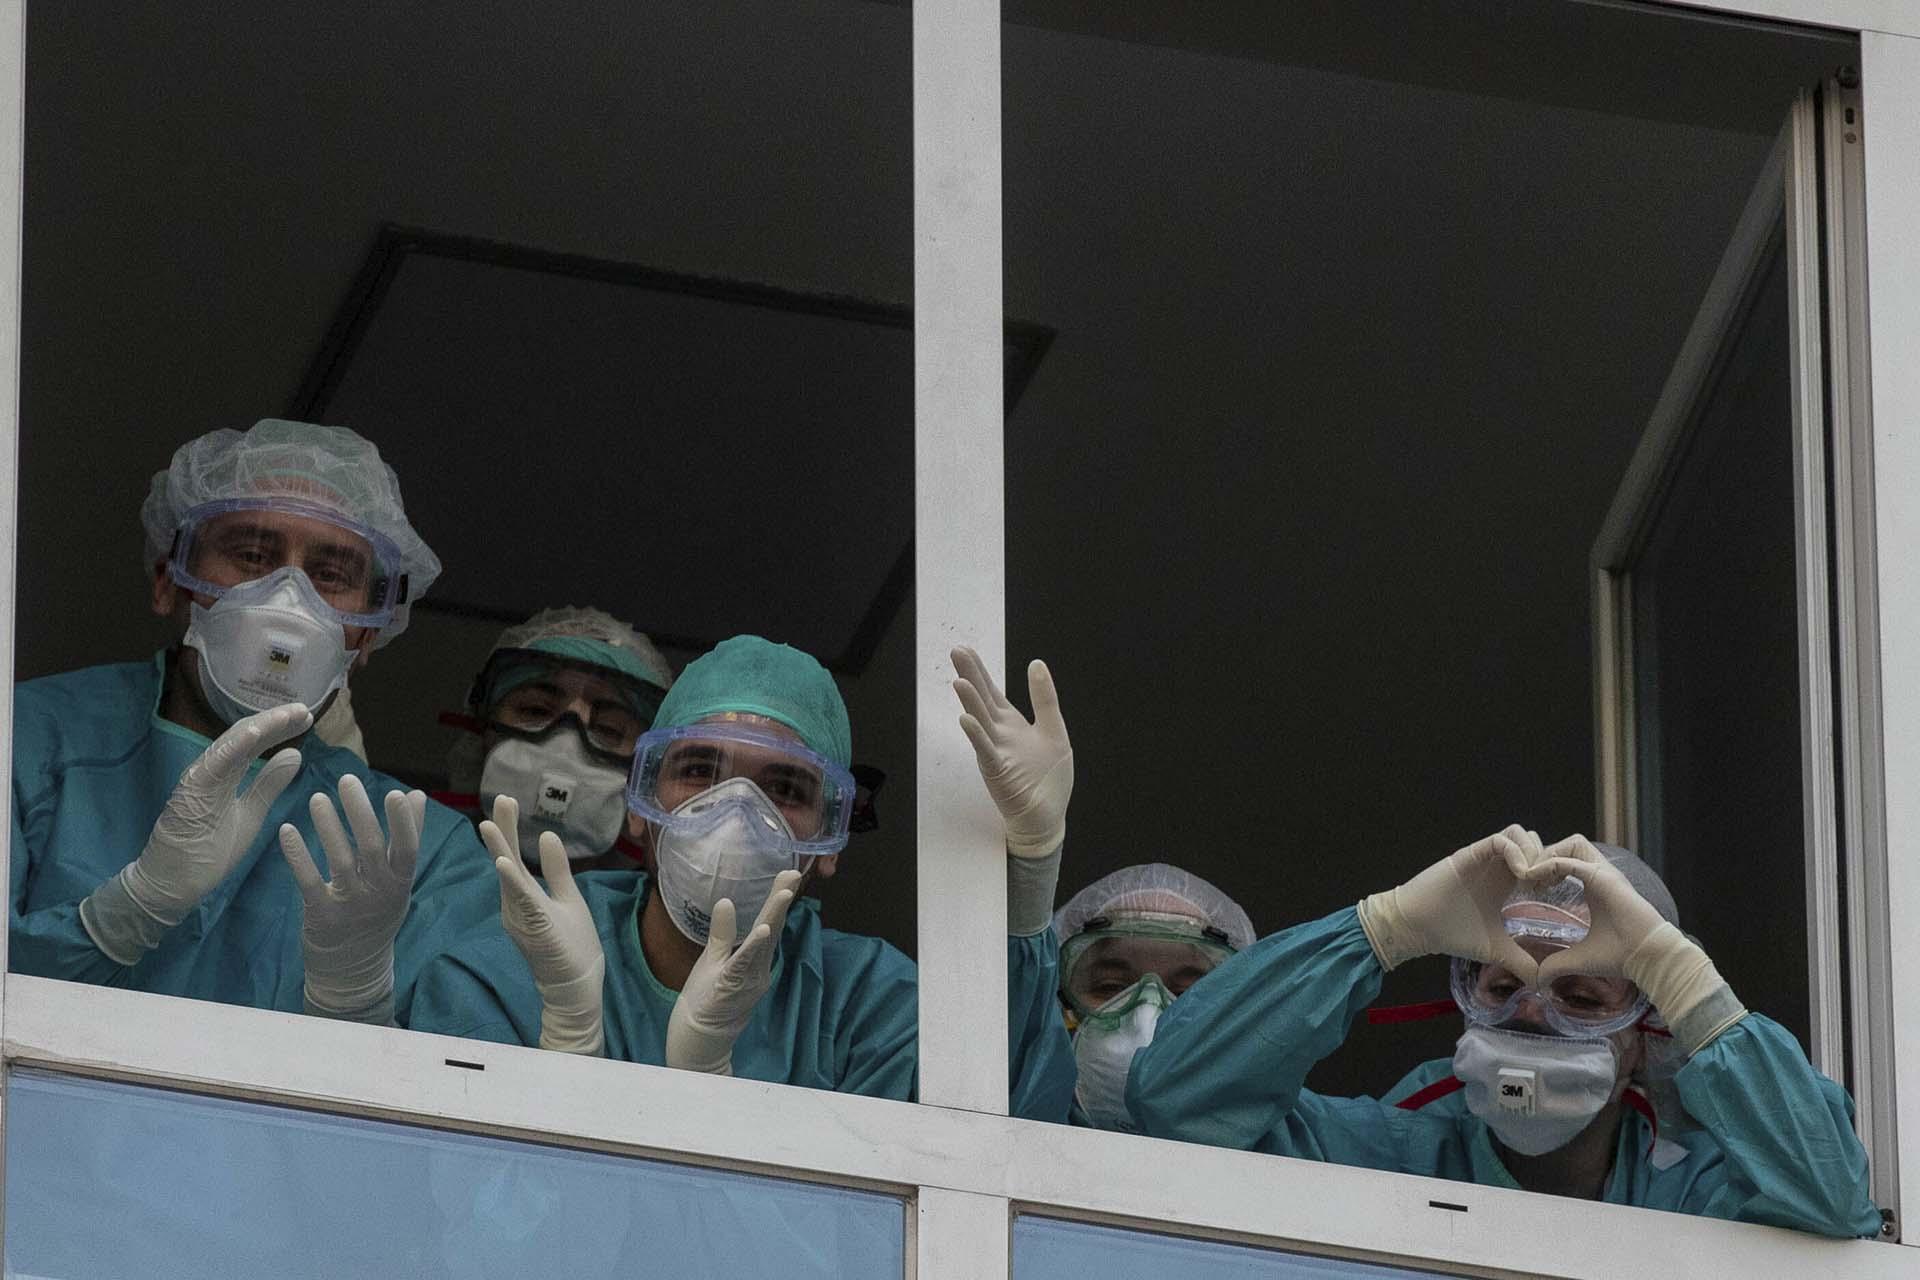 Trabajadores de la salud reaccionan a los aplausos de quienes les agradecen por su trabajo en la Fundación Universitaria Jimenez Diaz en Madrid, España (AP Photo/Manu Fernandez)